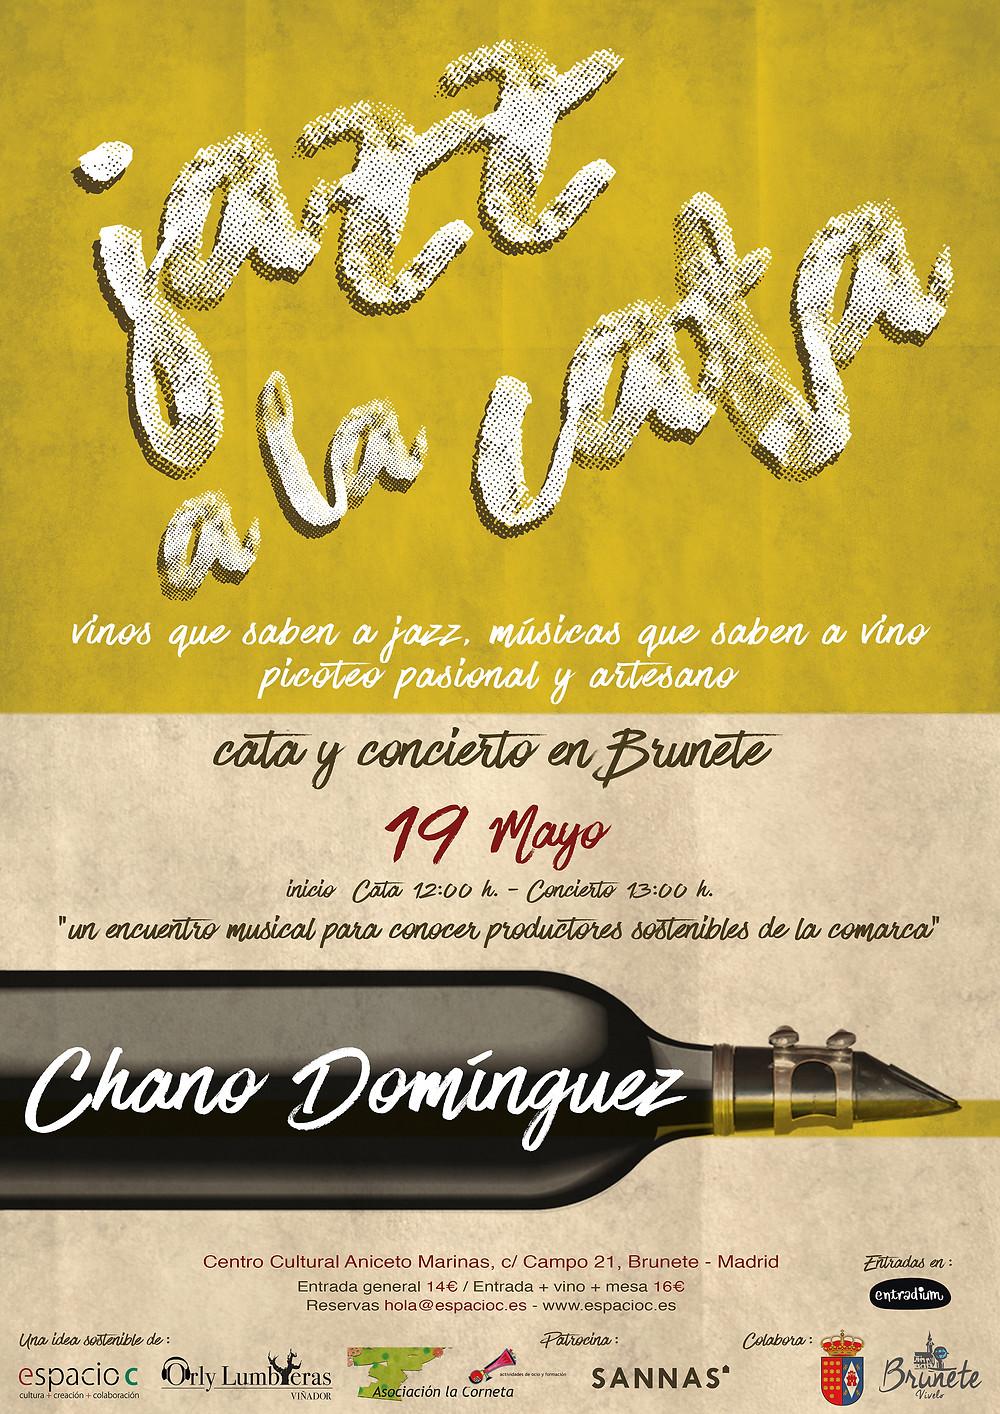 Chano Dominguez en Jazz a la Cata